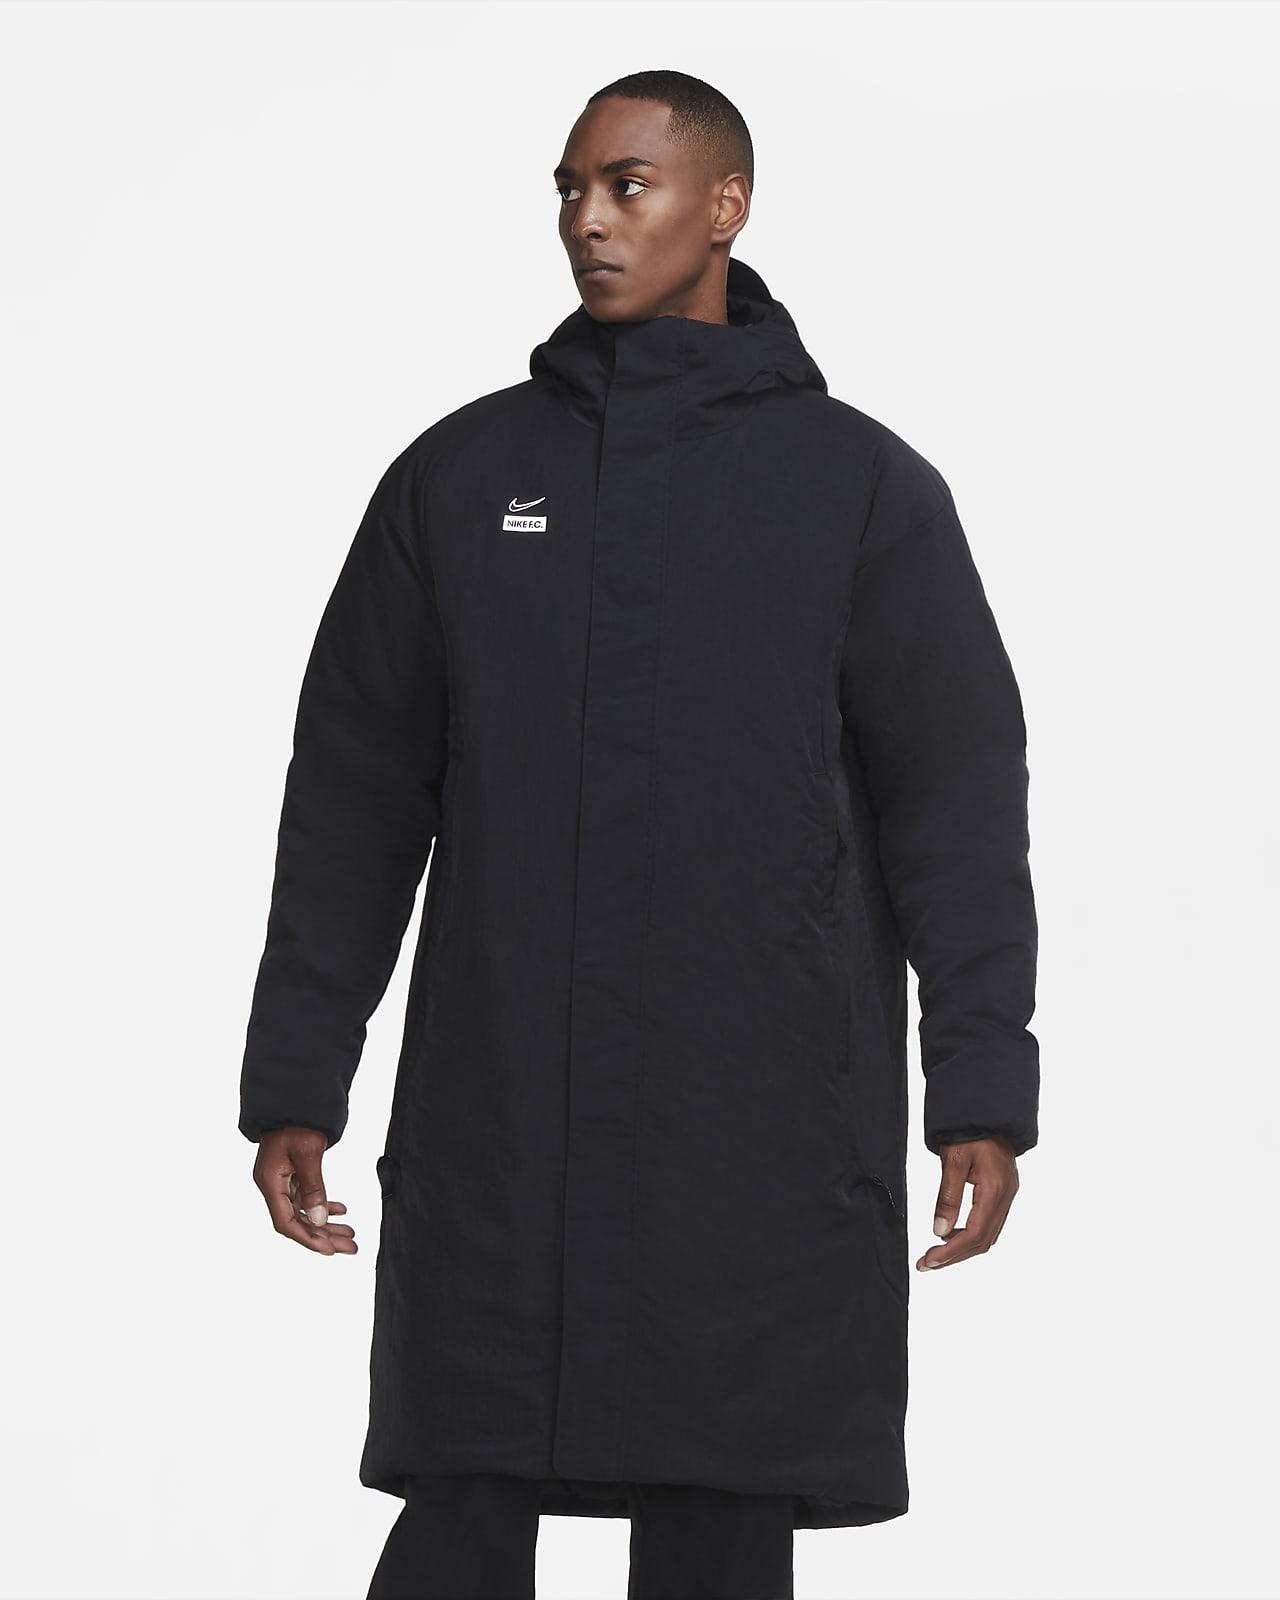 Мужская футбольная куртка с синтетическим наполнителем Nike F.C.